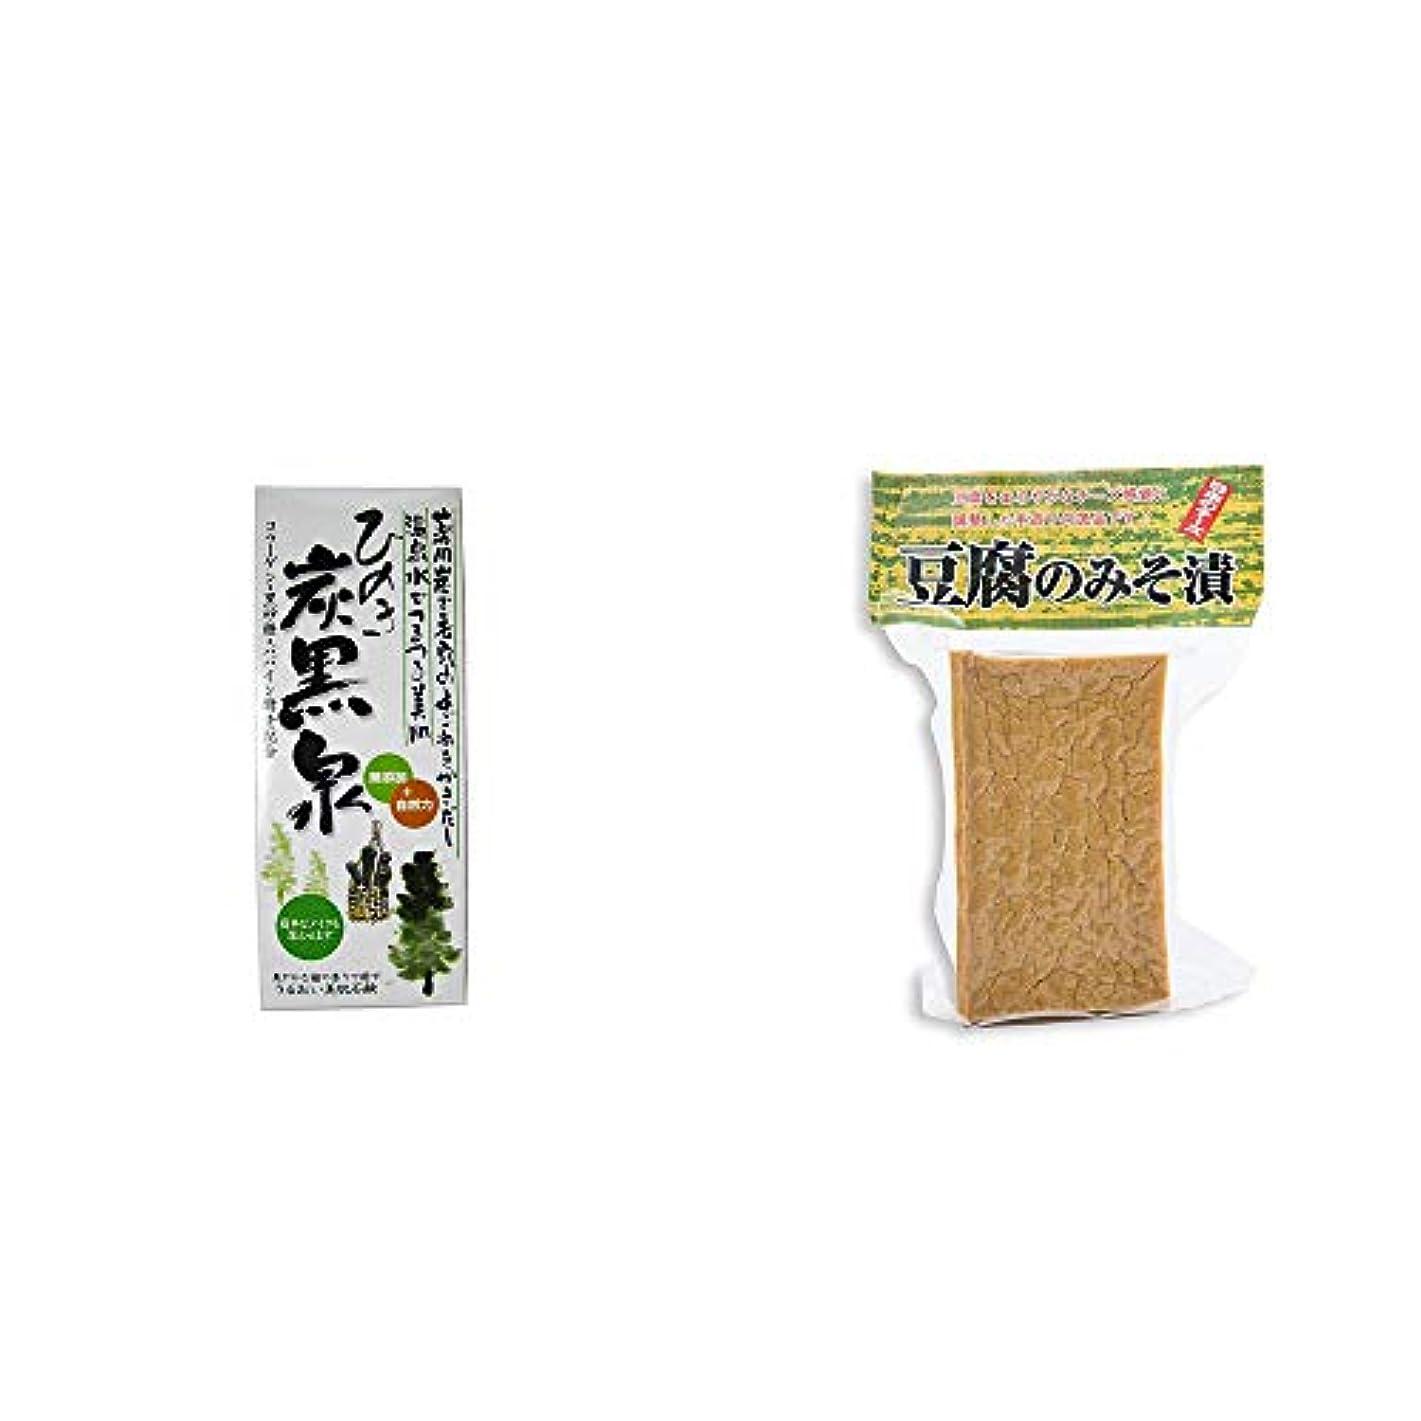 改修する除去続ける[2点セット] ひのき炭黒泉 箱入り(75g×3)?日本のチーズ 豆腐のみそ漬(1個入)